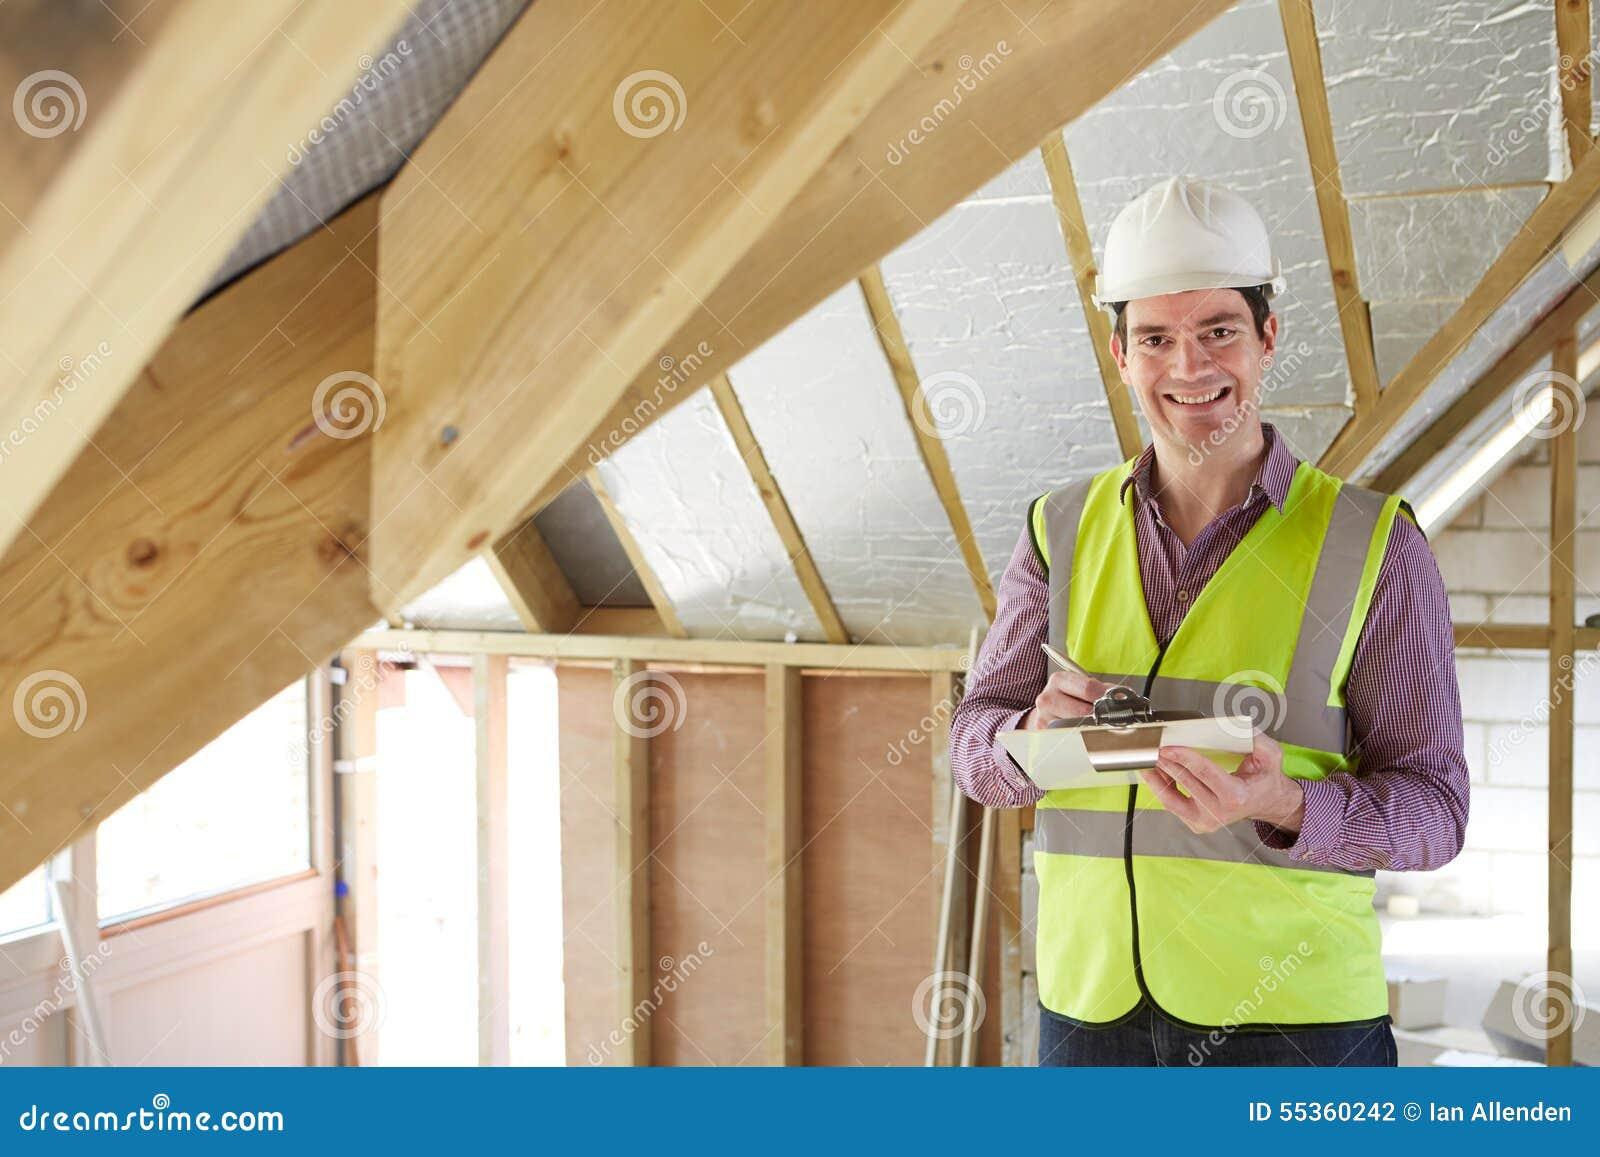 Ispettore edile che esamina tetto di nuova proprietà